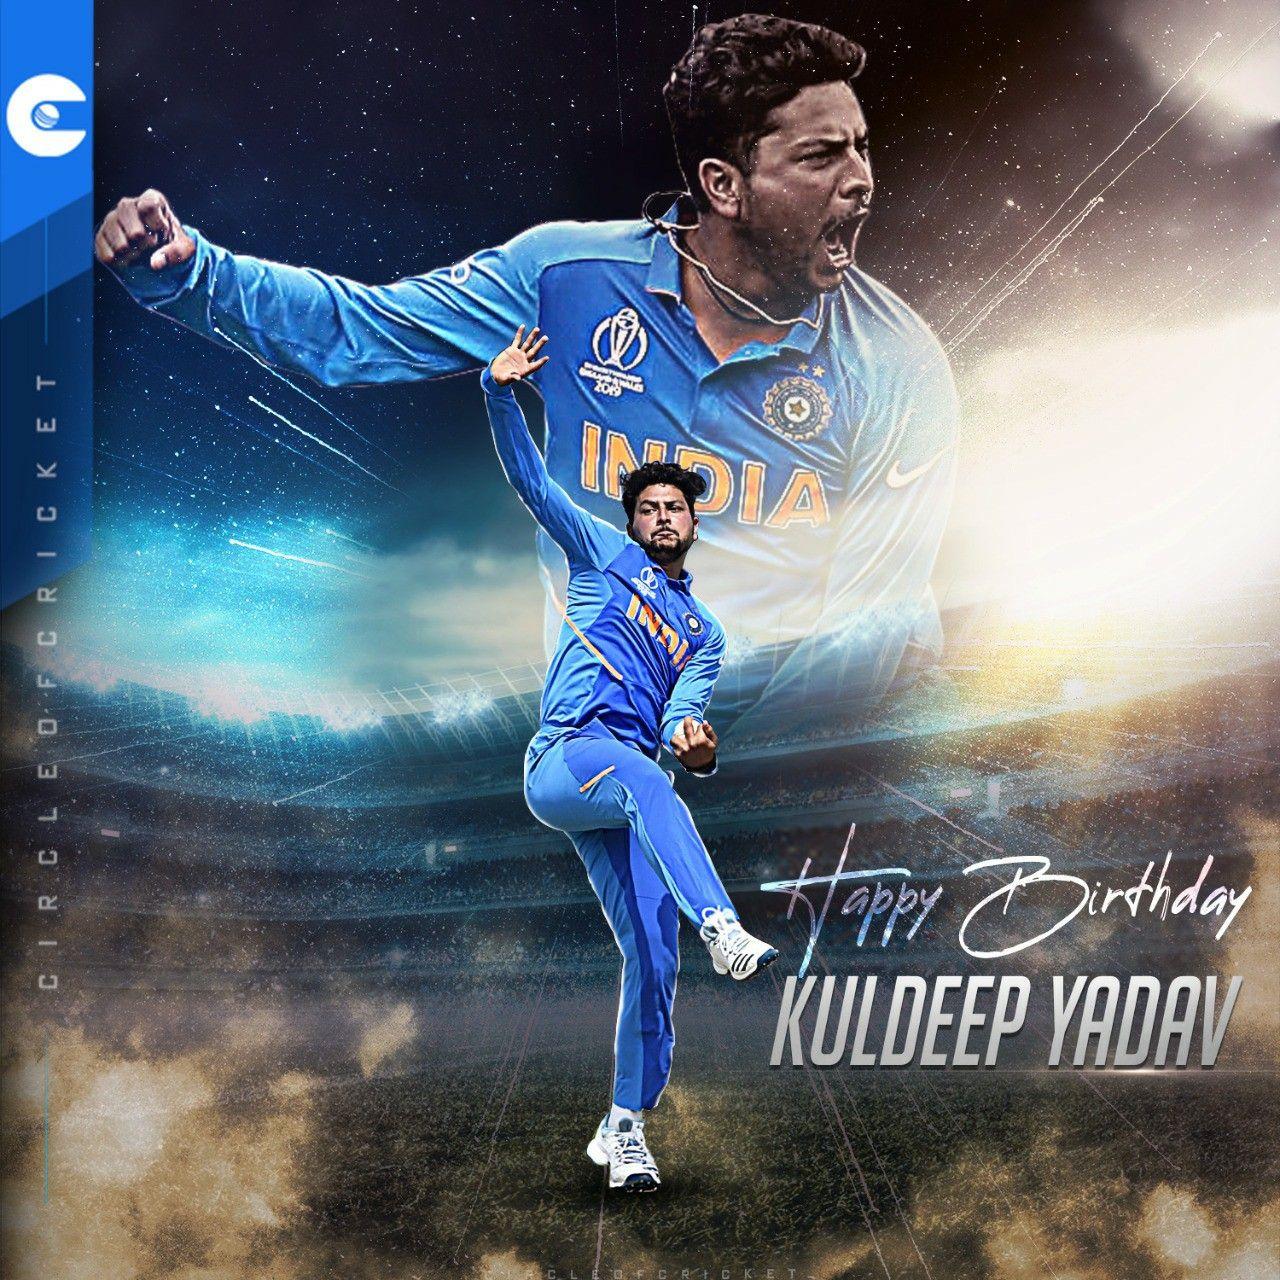 Happy Birthday Kuldeep Yadav Birthday Special Happy Birthday